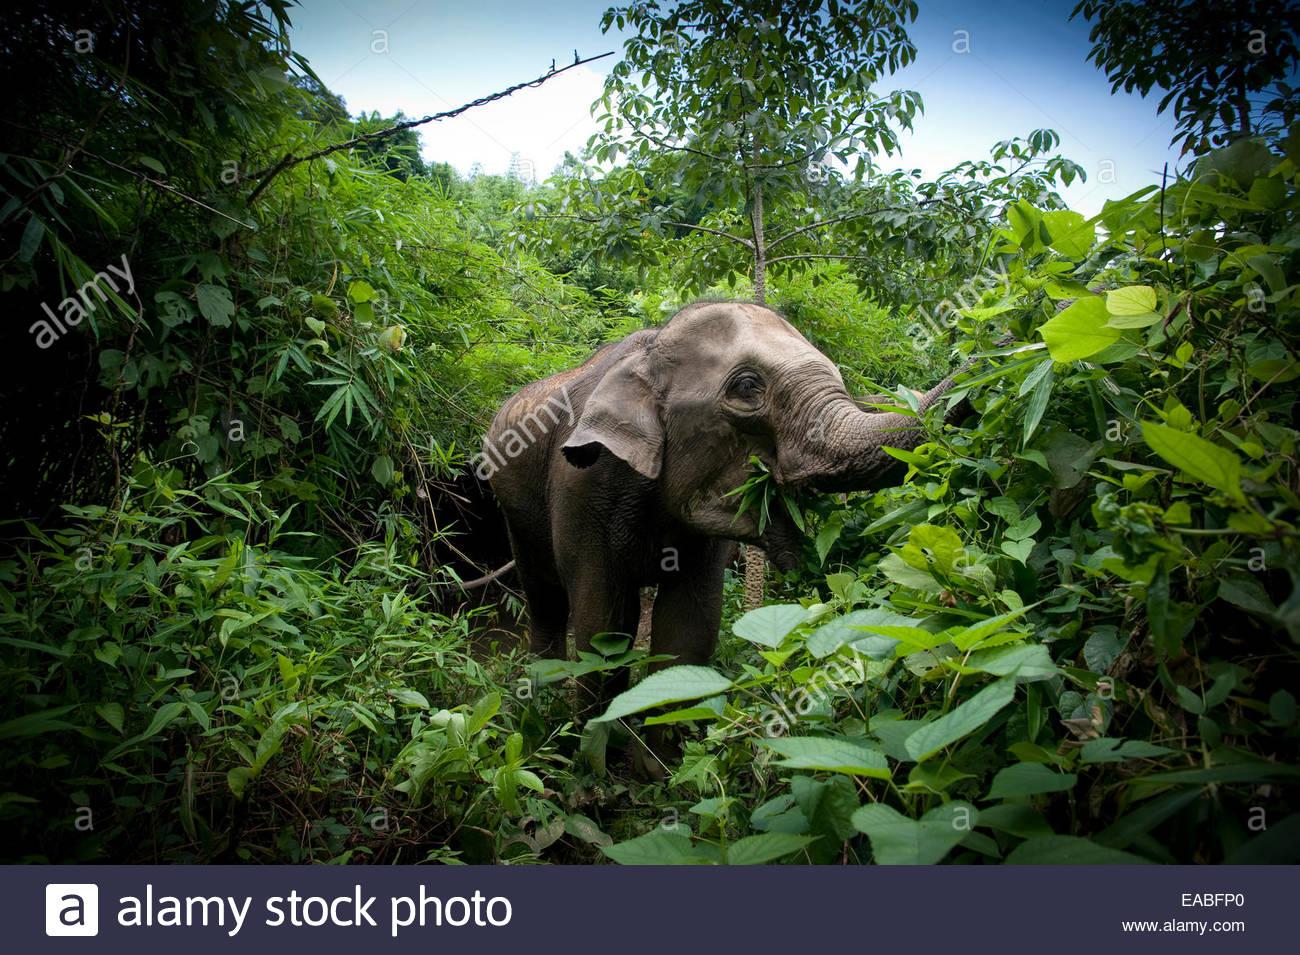 BLES à l'éléphant d'Asie se nourrir dans la jungle, Thaïlande Photo Stock